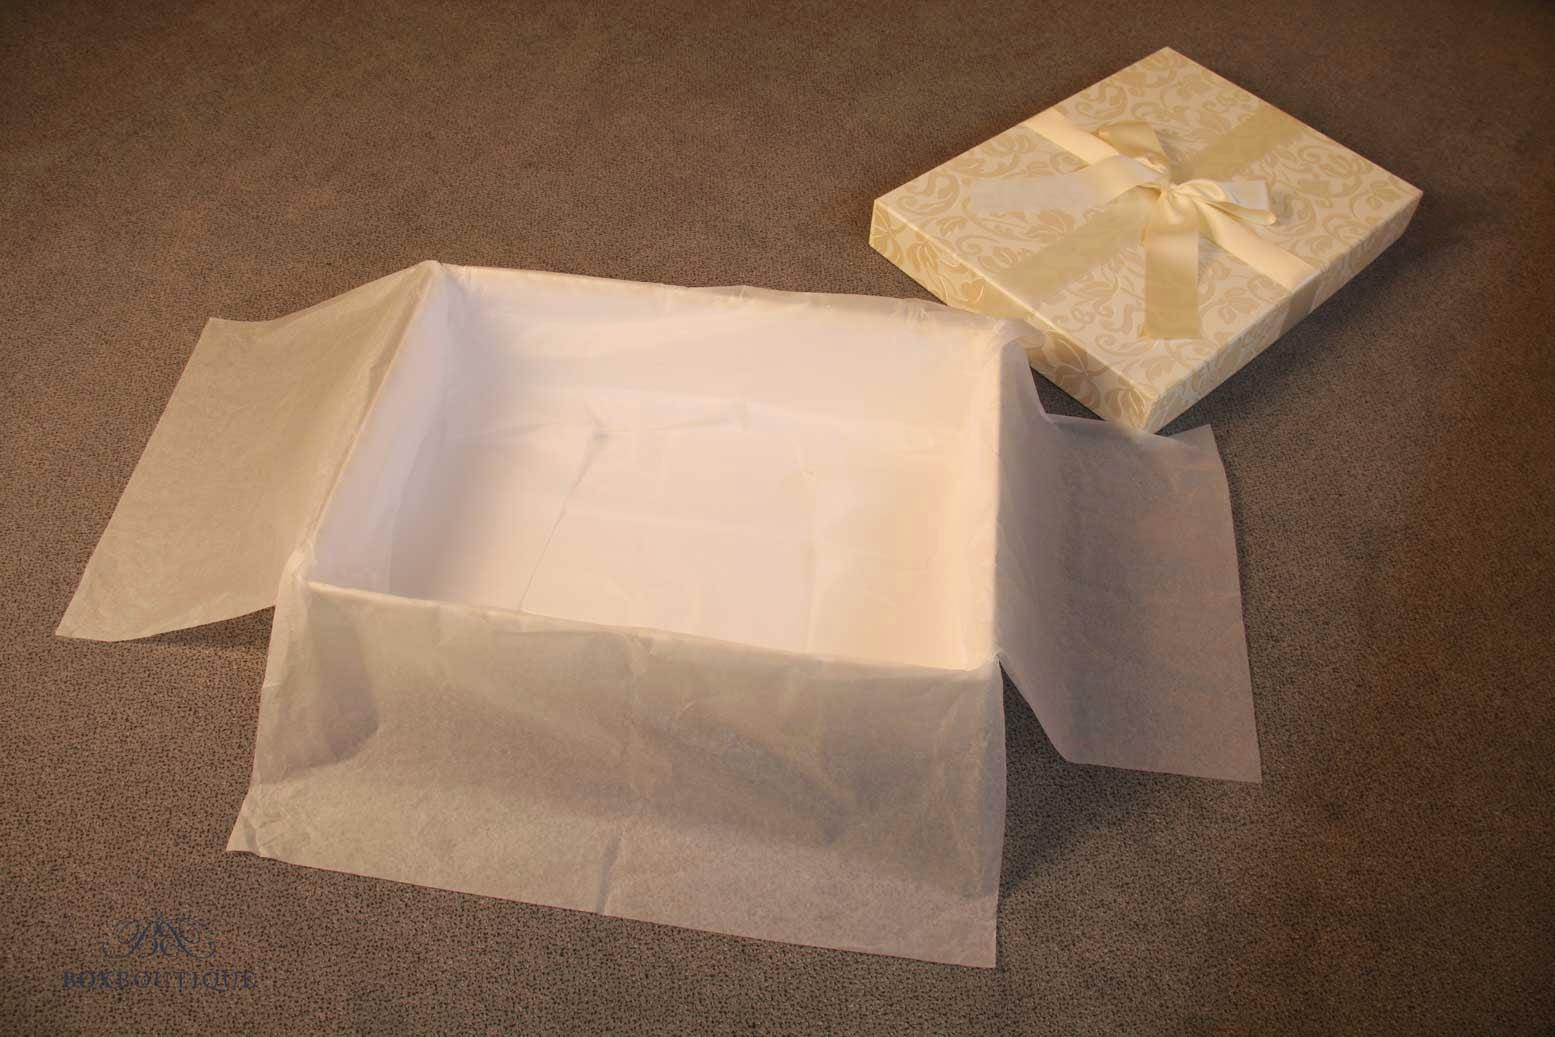 Legen Sie die Brautkleidbox mit säurefreiem Seidenpapier aus.